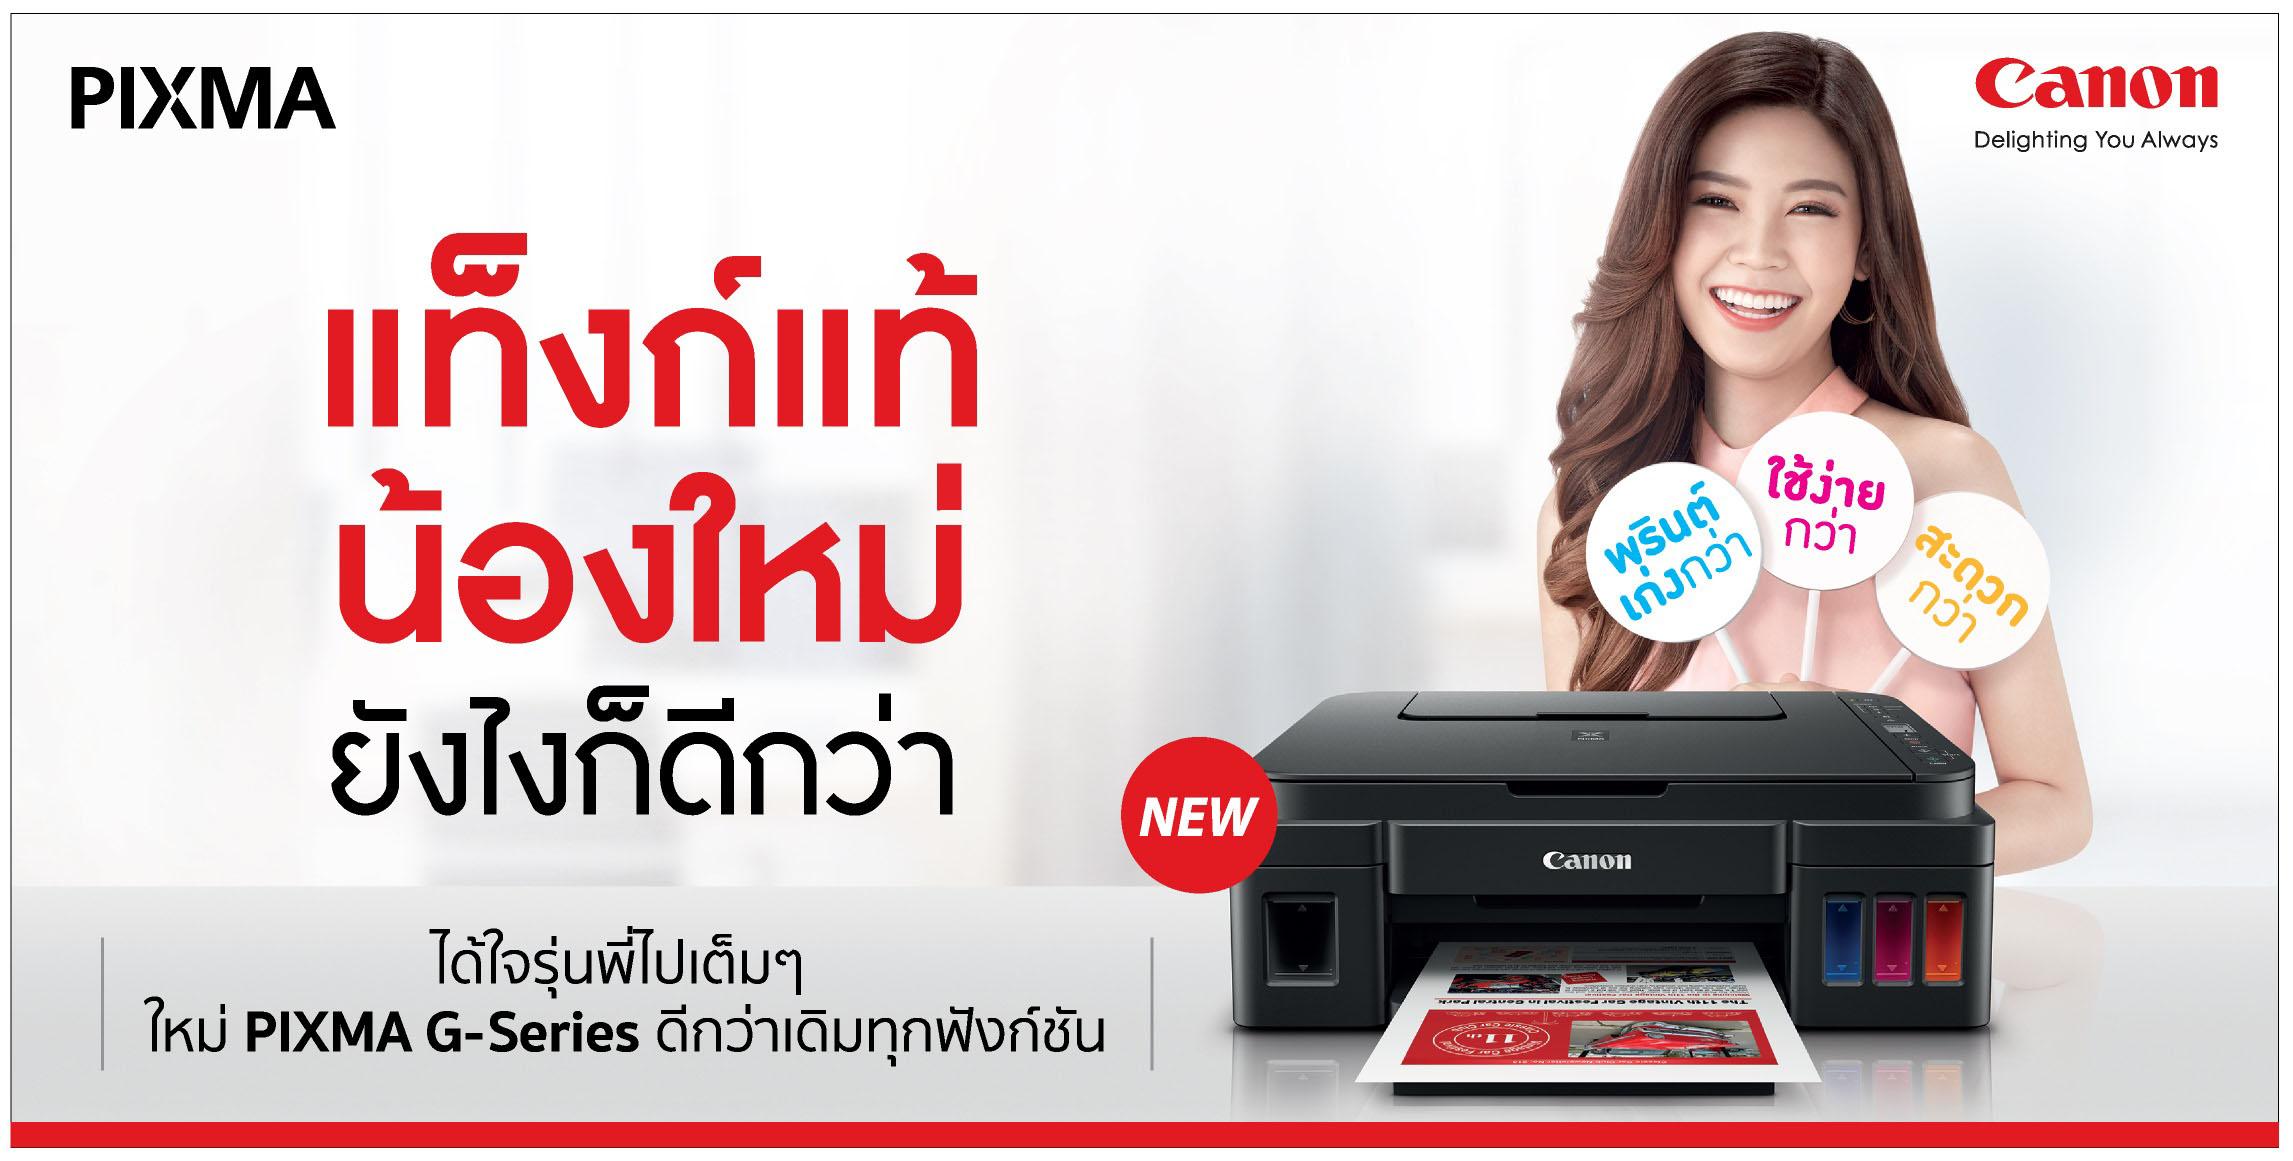 แคนนอน พัฒนาพรินเตอร์ Canon PIXMA Printer G Series 4 รุ่นใหม่ เพิ่มเติมทุกฟังก์ชั่น คุณภาพจัดเต็ม